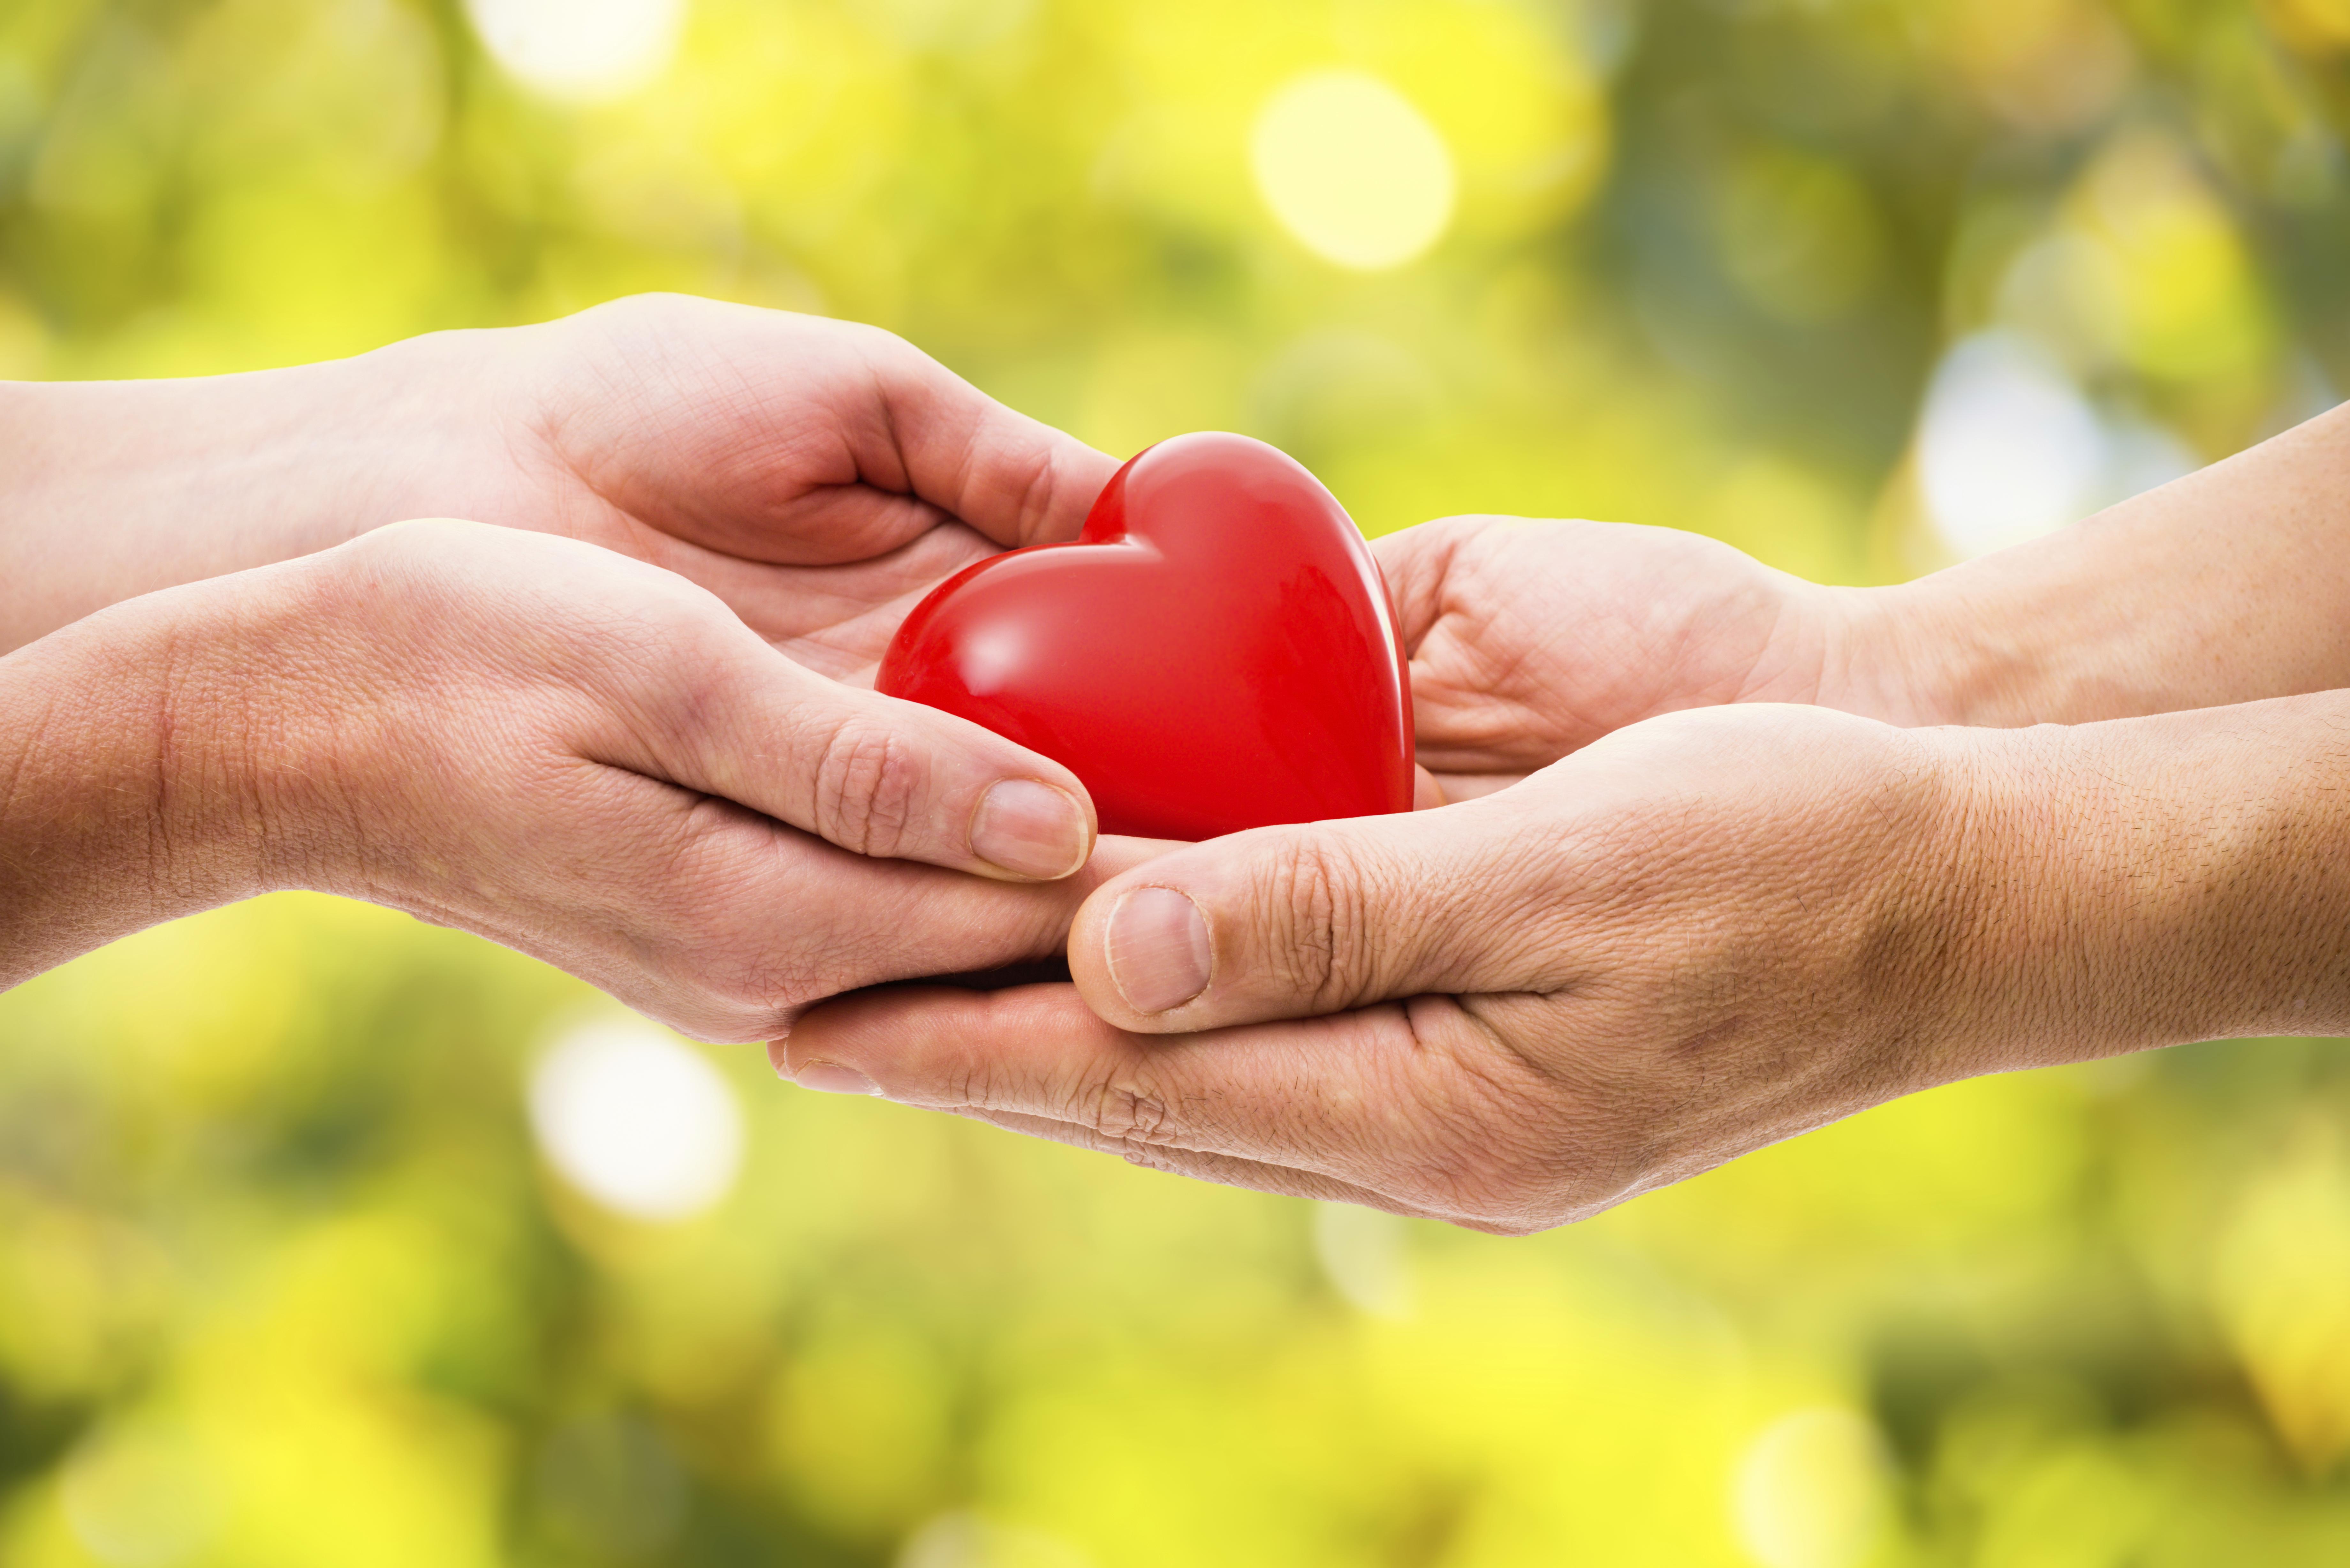 Heart passed between hands